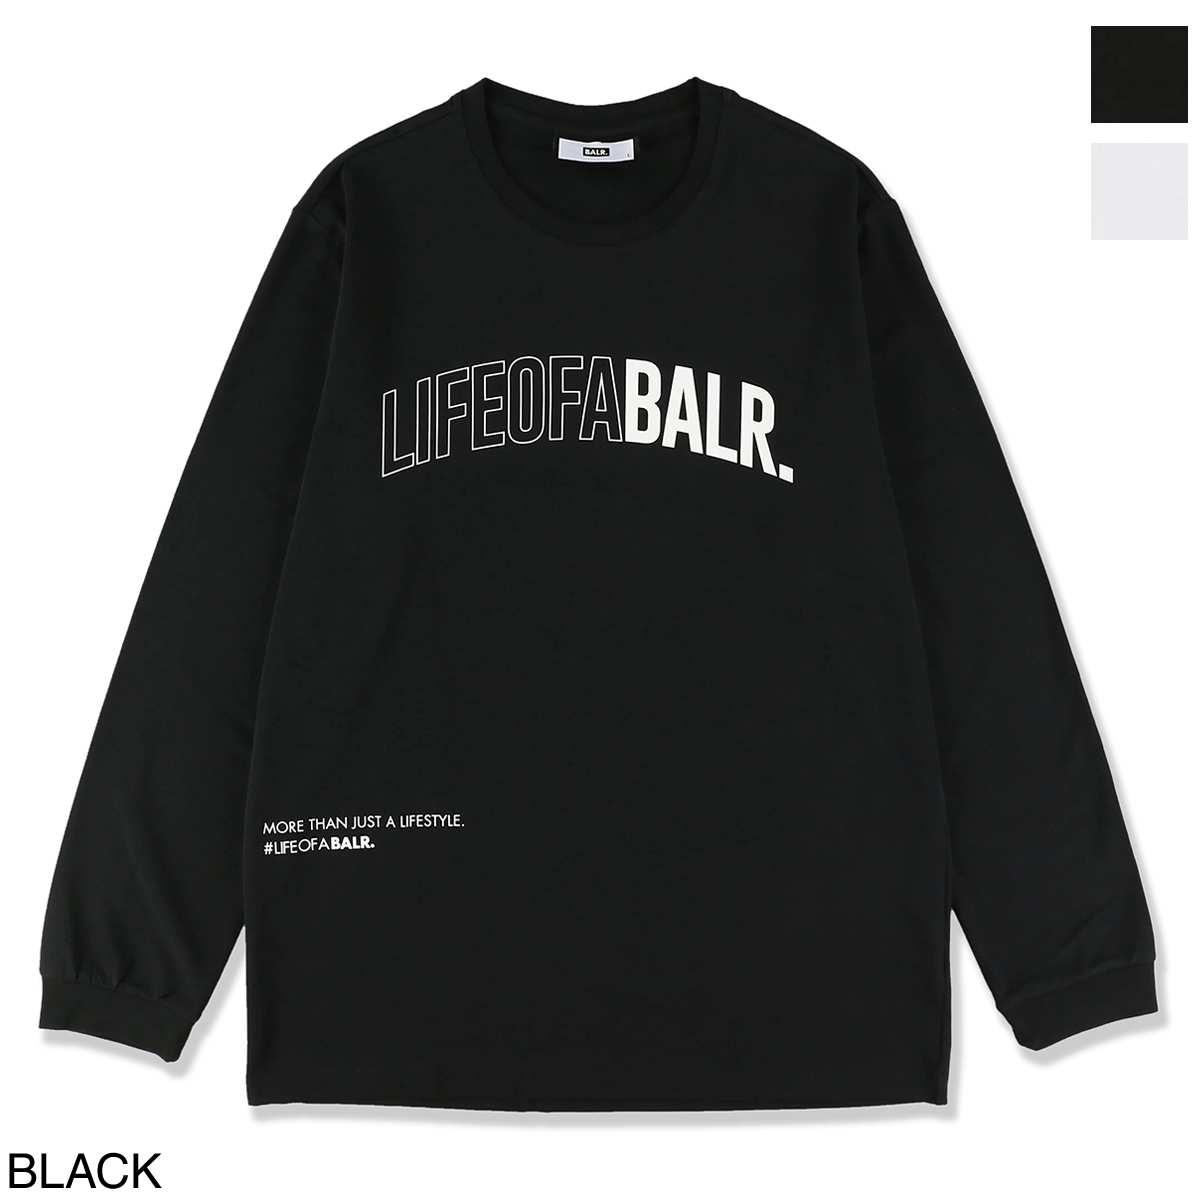 ボーラ― BALR. クルーネック長袖Tシャツ メンズ loab lifestyle straight tshirt l s black LOAB LIFESTYLE STRAIGHT T-SHIRT L/S【あす楽対応_関東】【返品送料無料】【ラッピング無料】